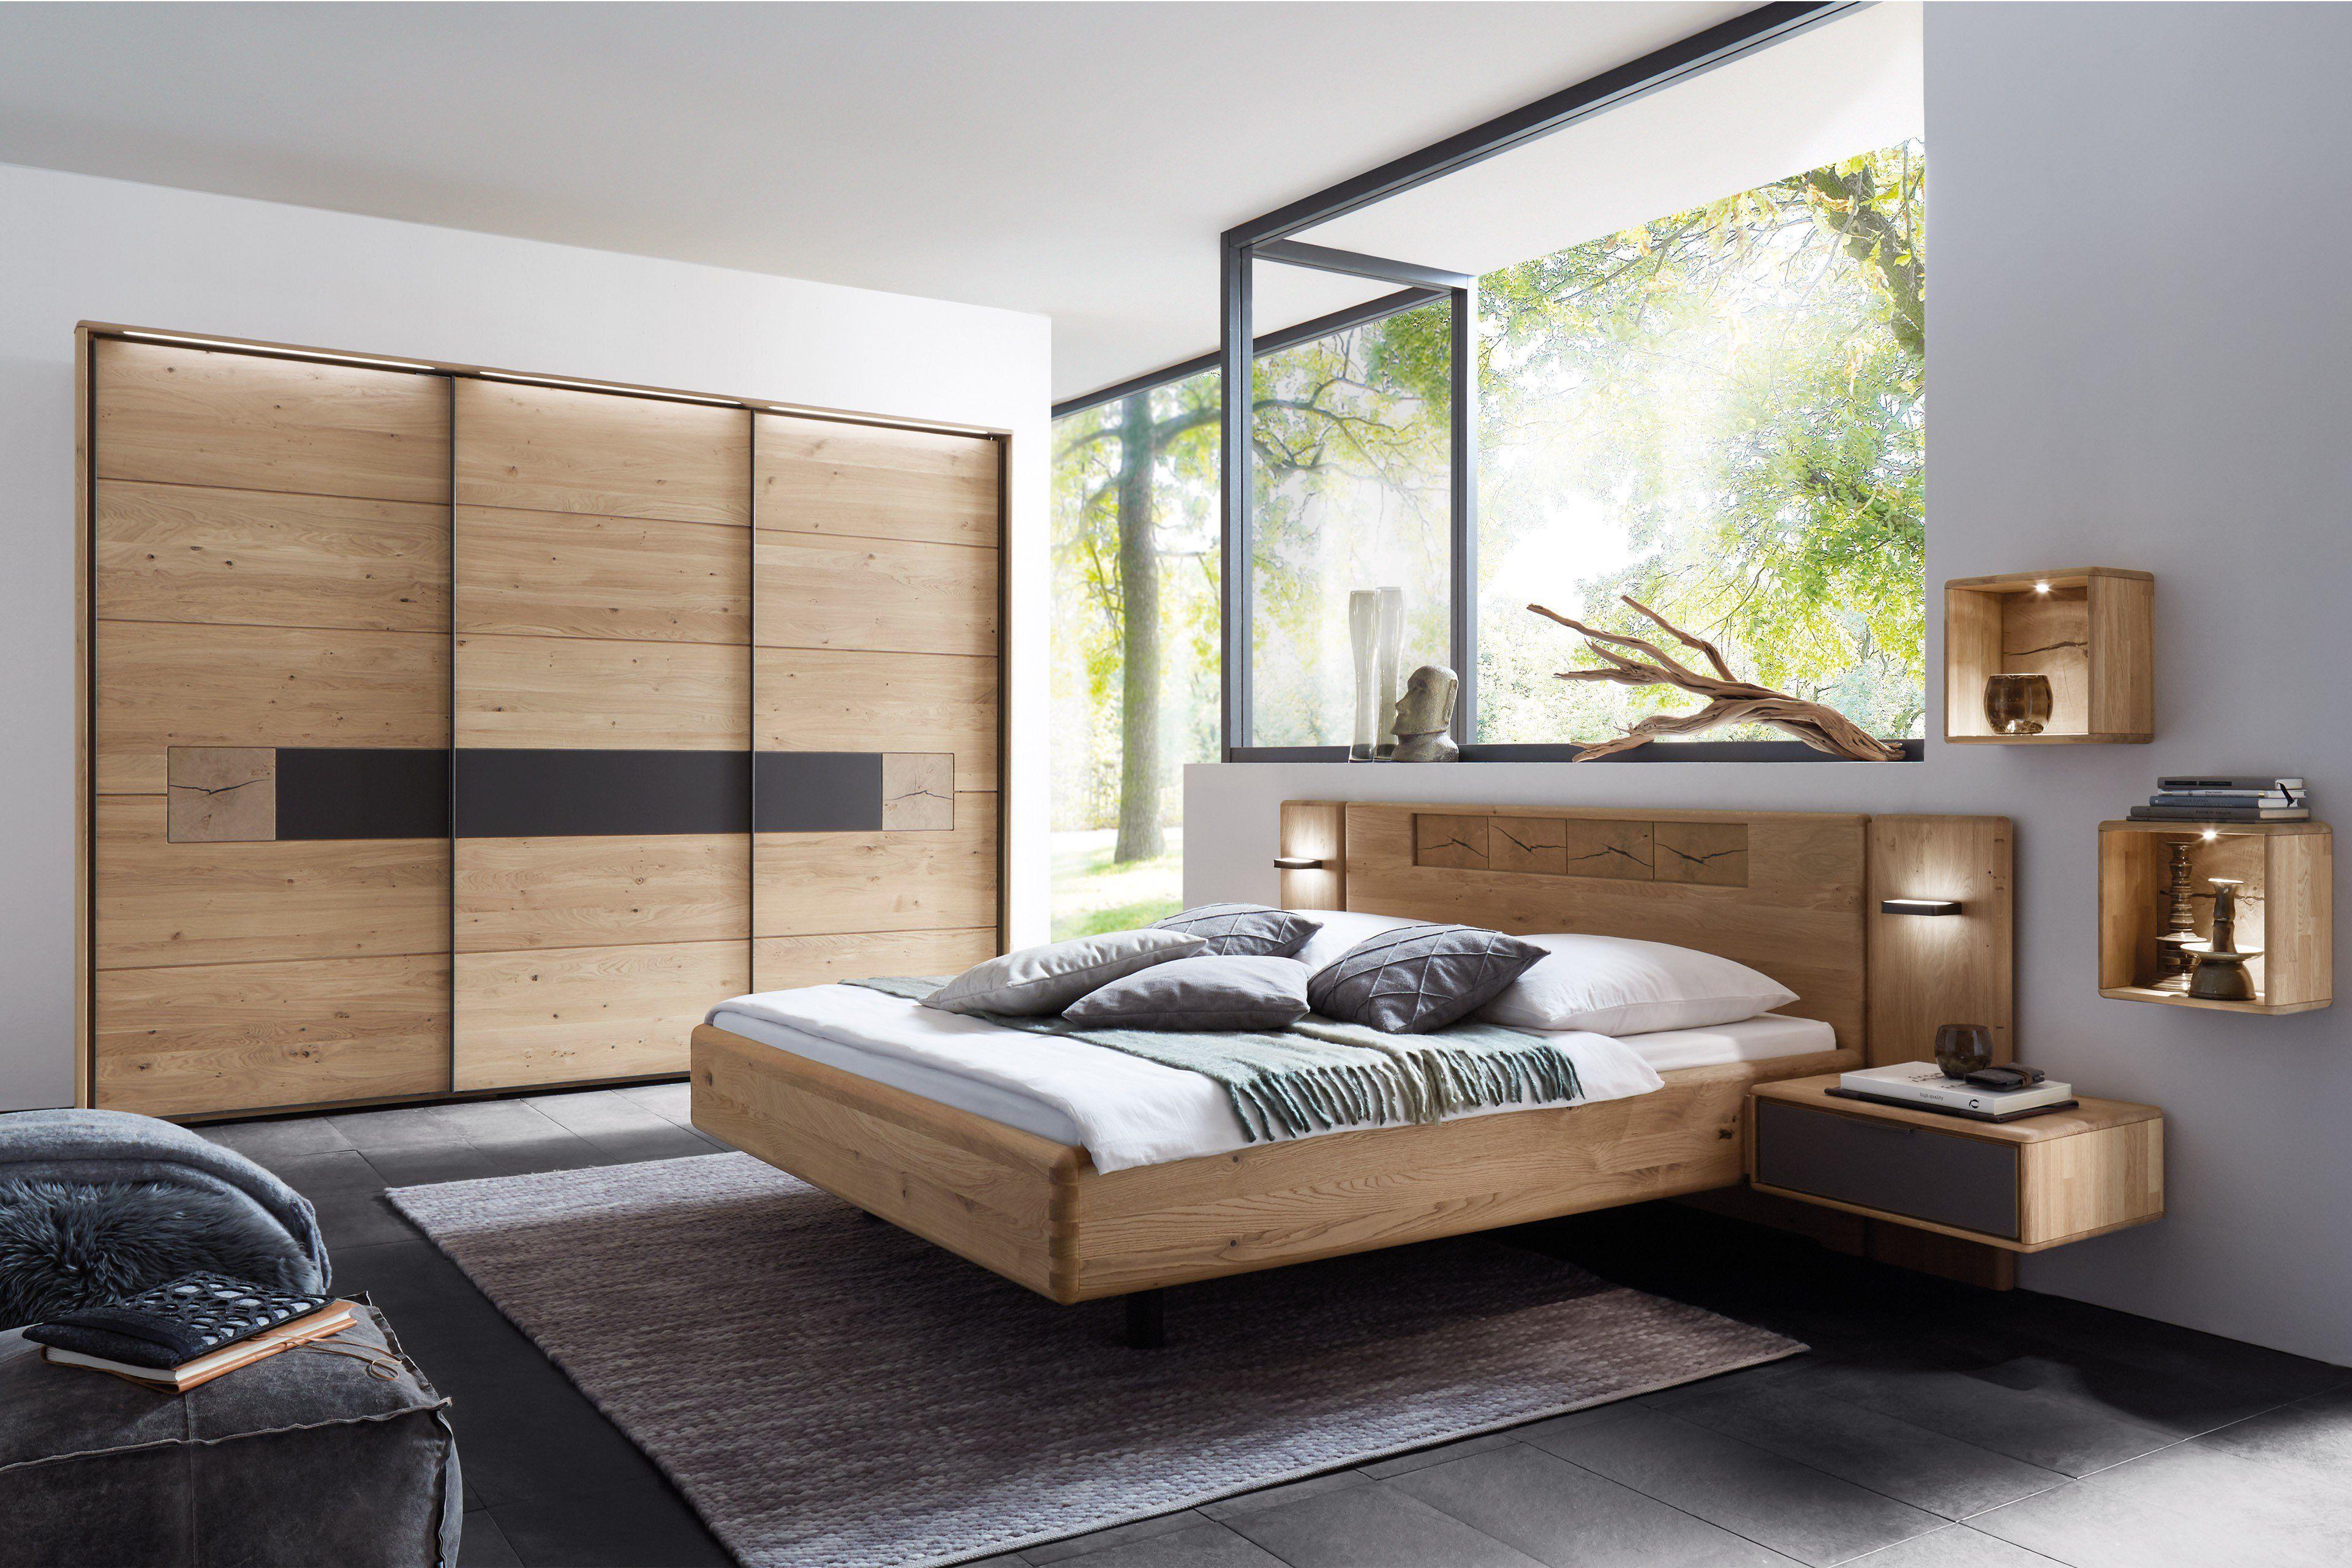 Sch N Schlafzimmerm Bel Massivholz